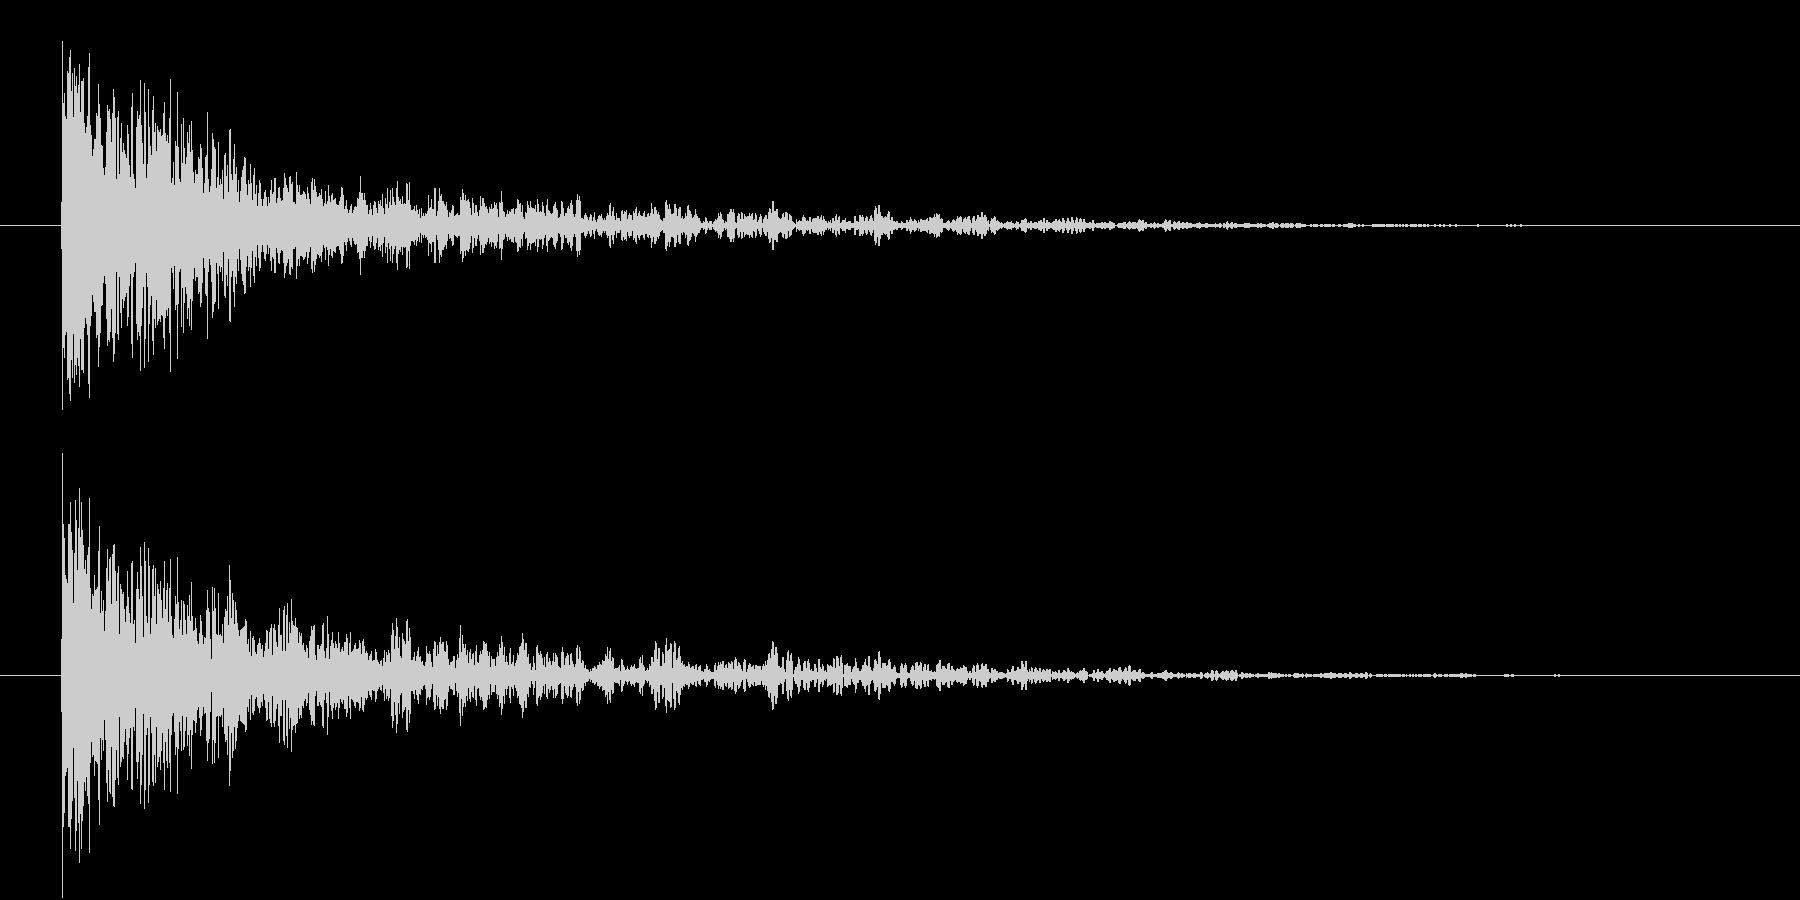 恐怖音3の未再生の波形